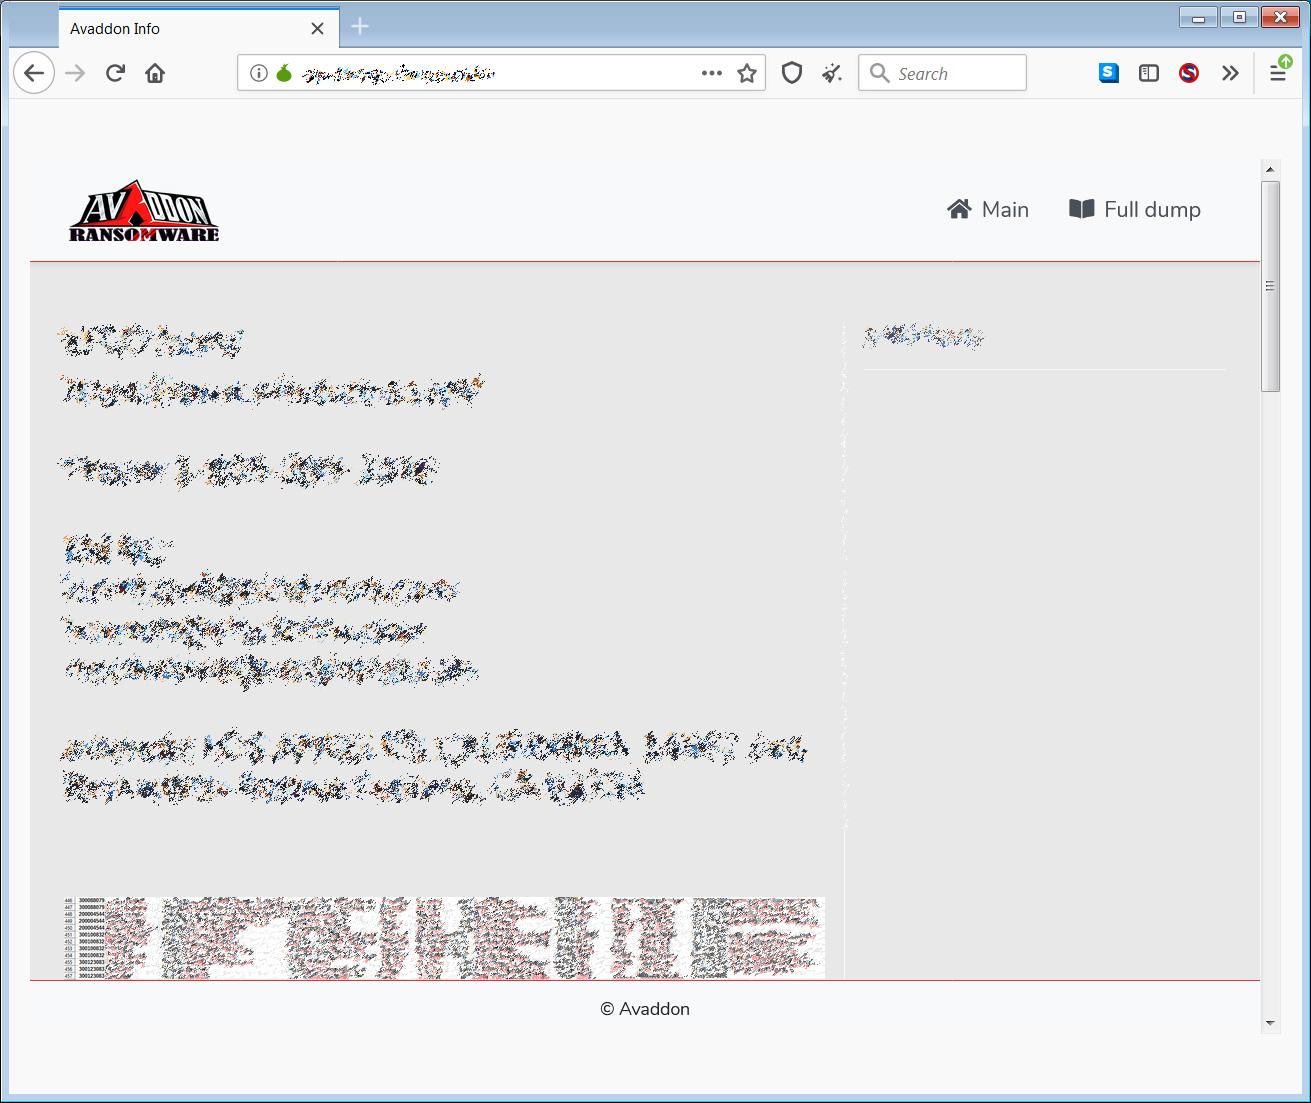 Avaddon ransomware data leak site